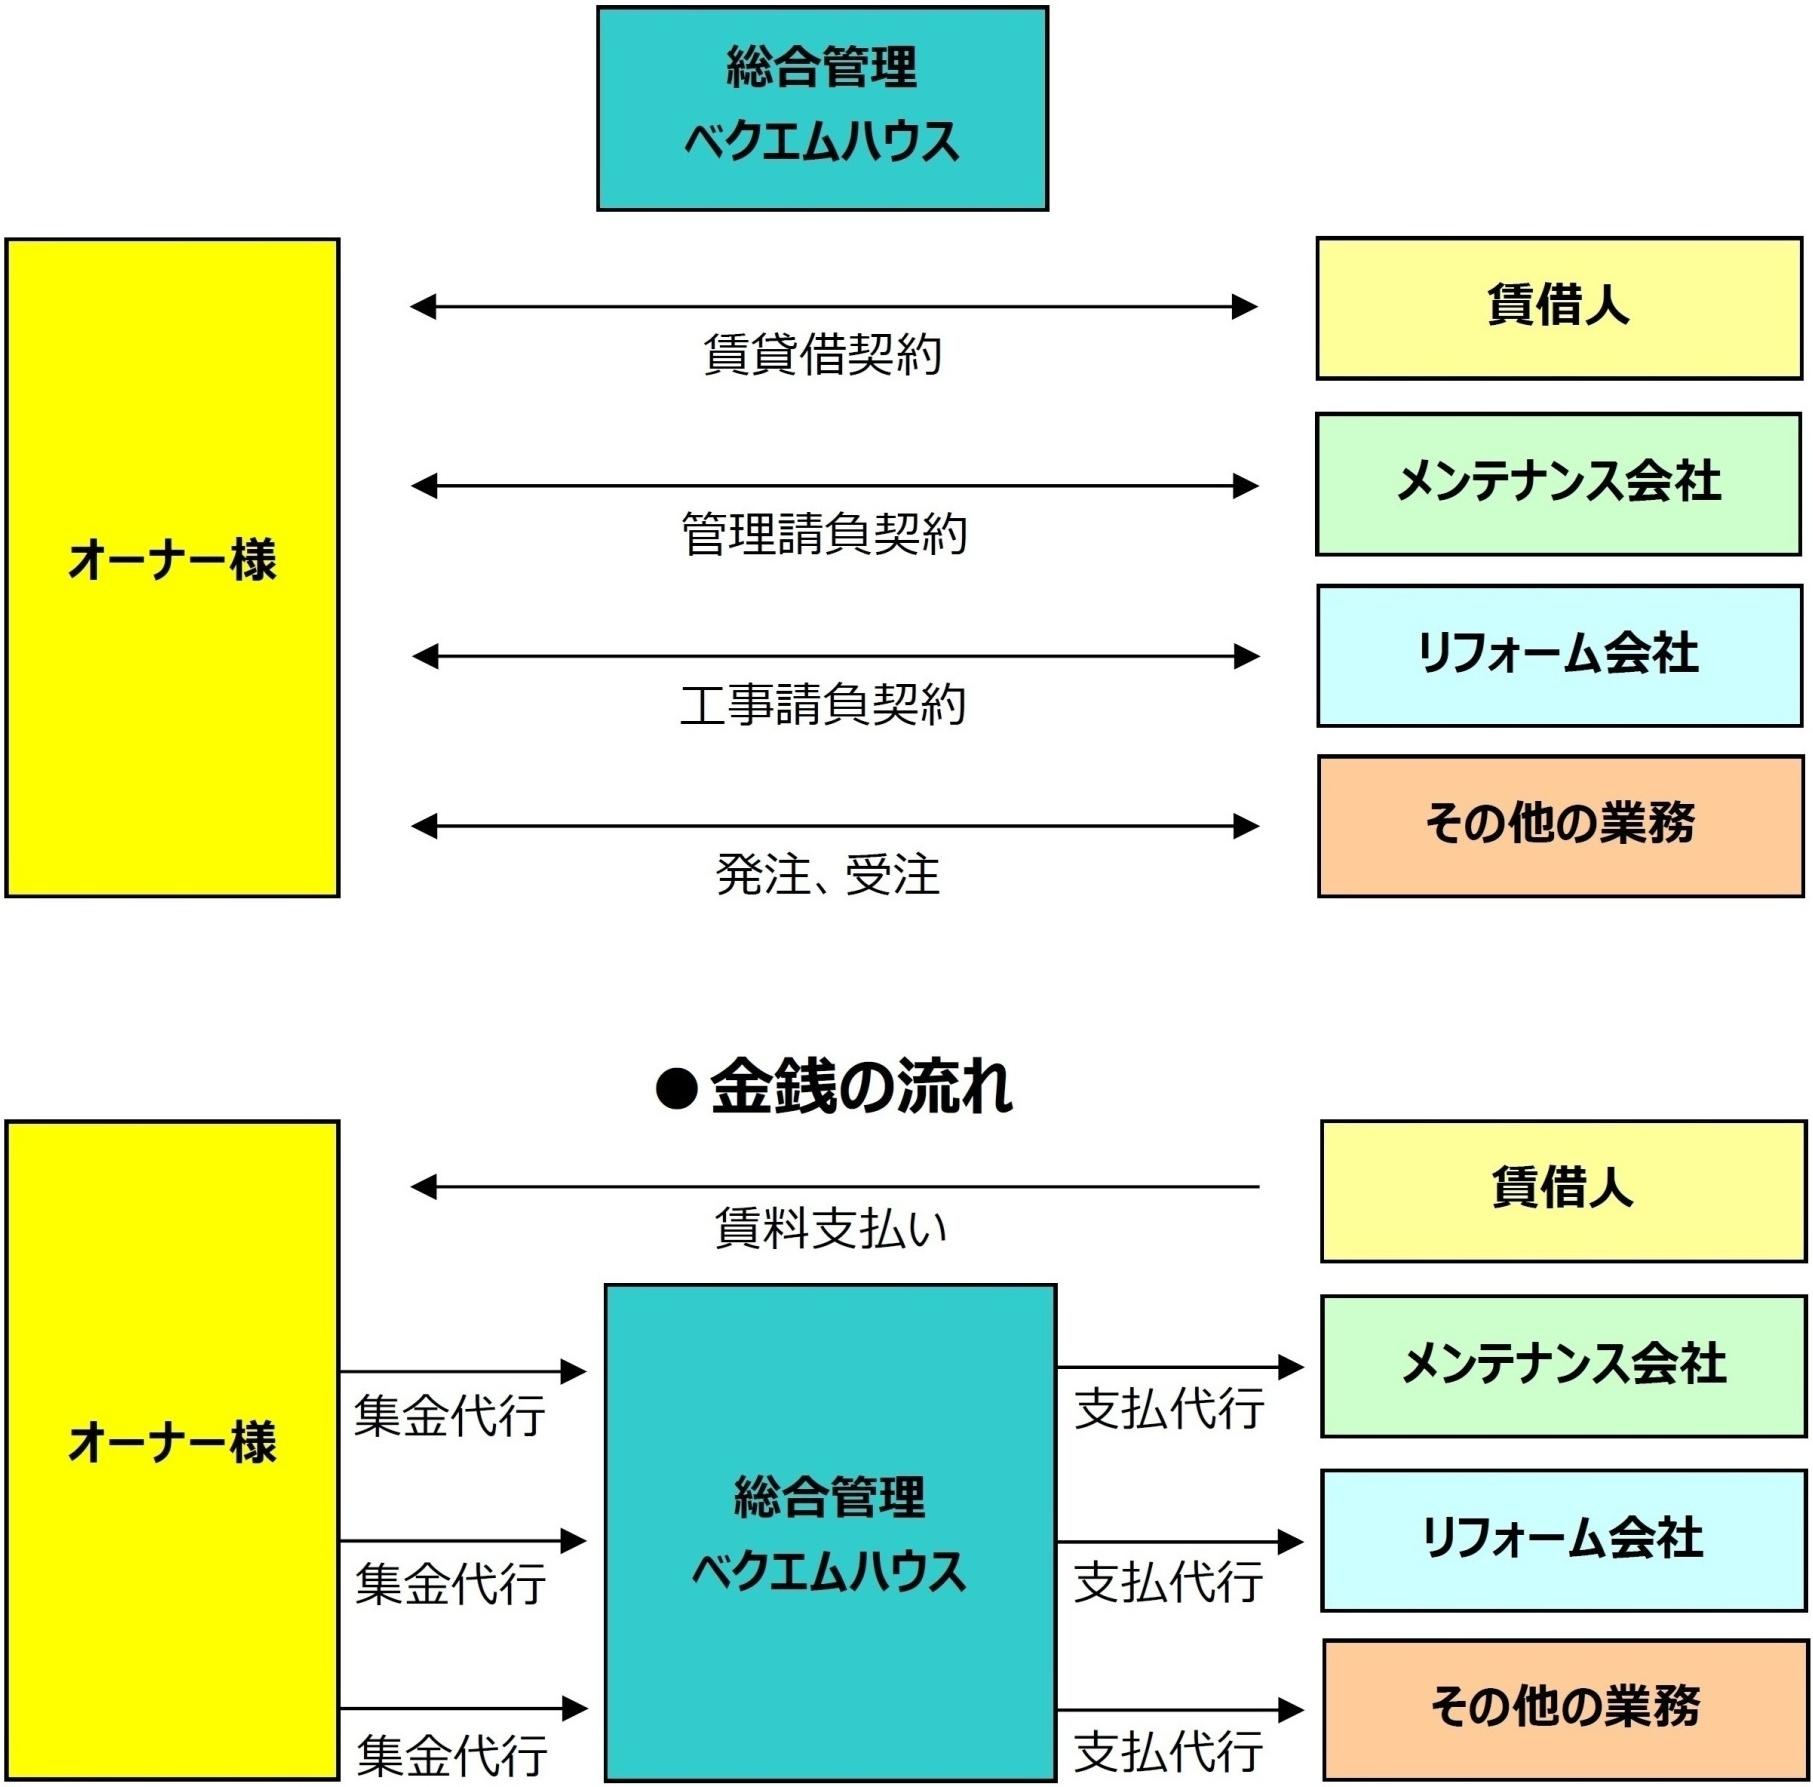 賃貸管理システム図1